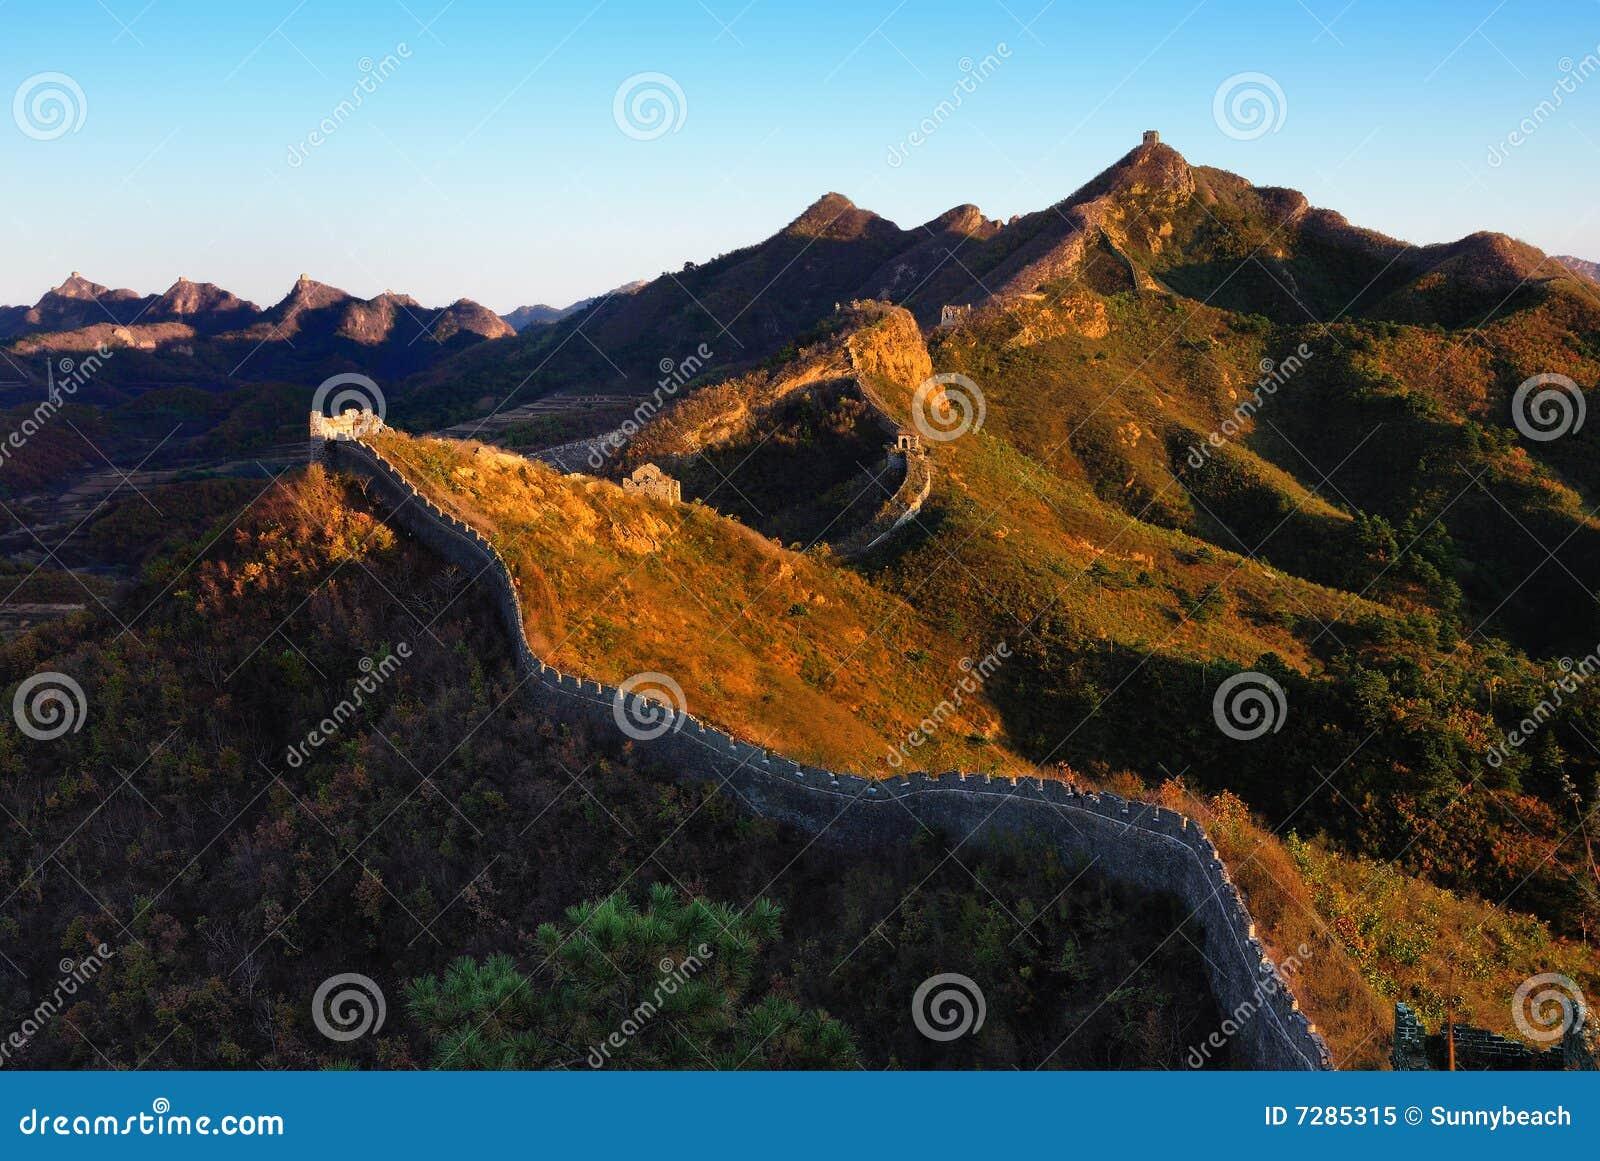 En la caída de la Gran Muralla